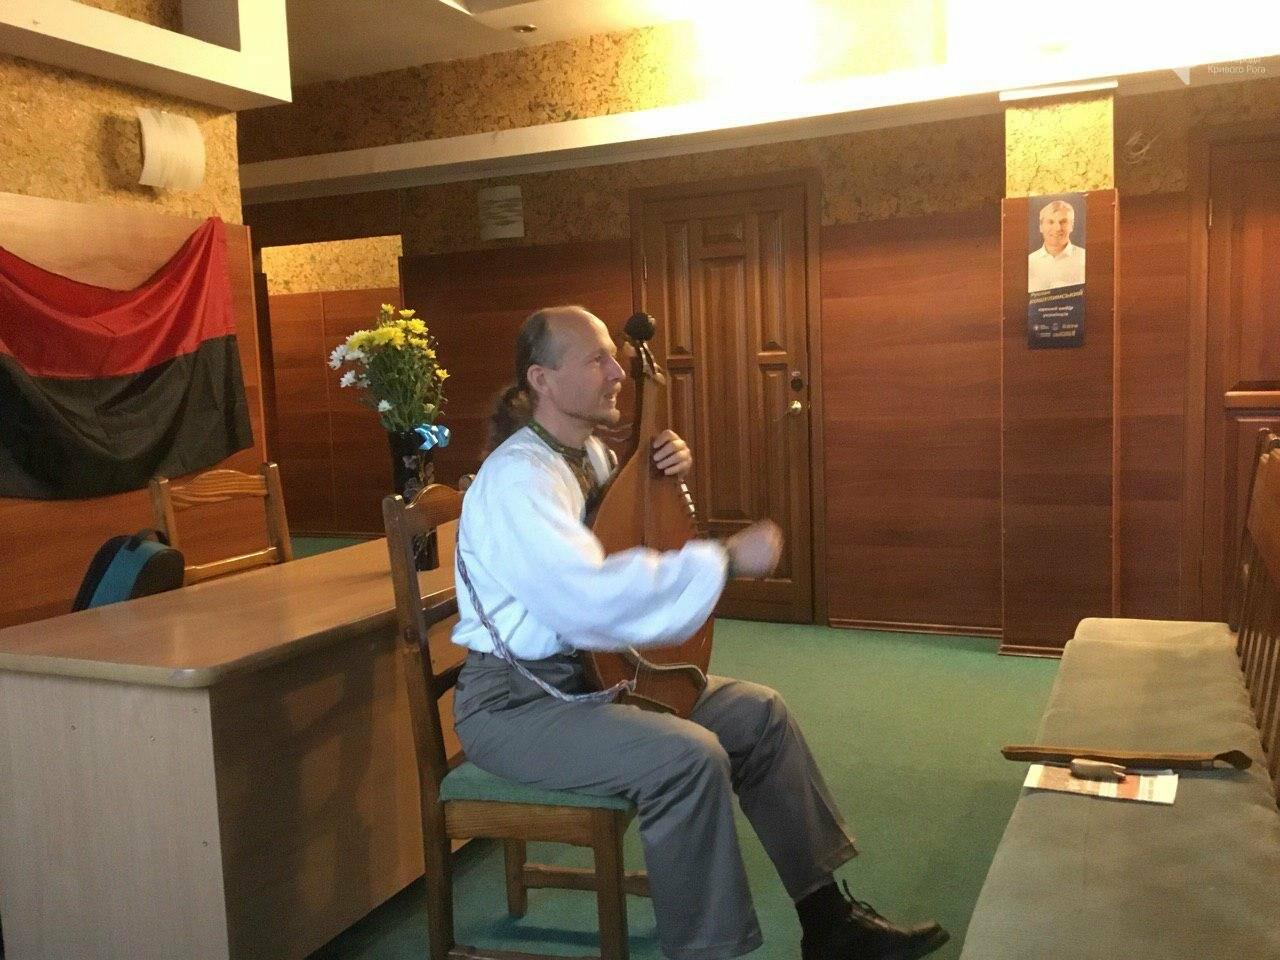 Известный украинский кобзарь выступил перед криворожанами, - ФОТО, ВИДЕО, фото-3